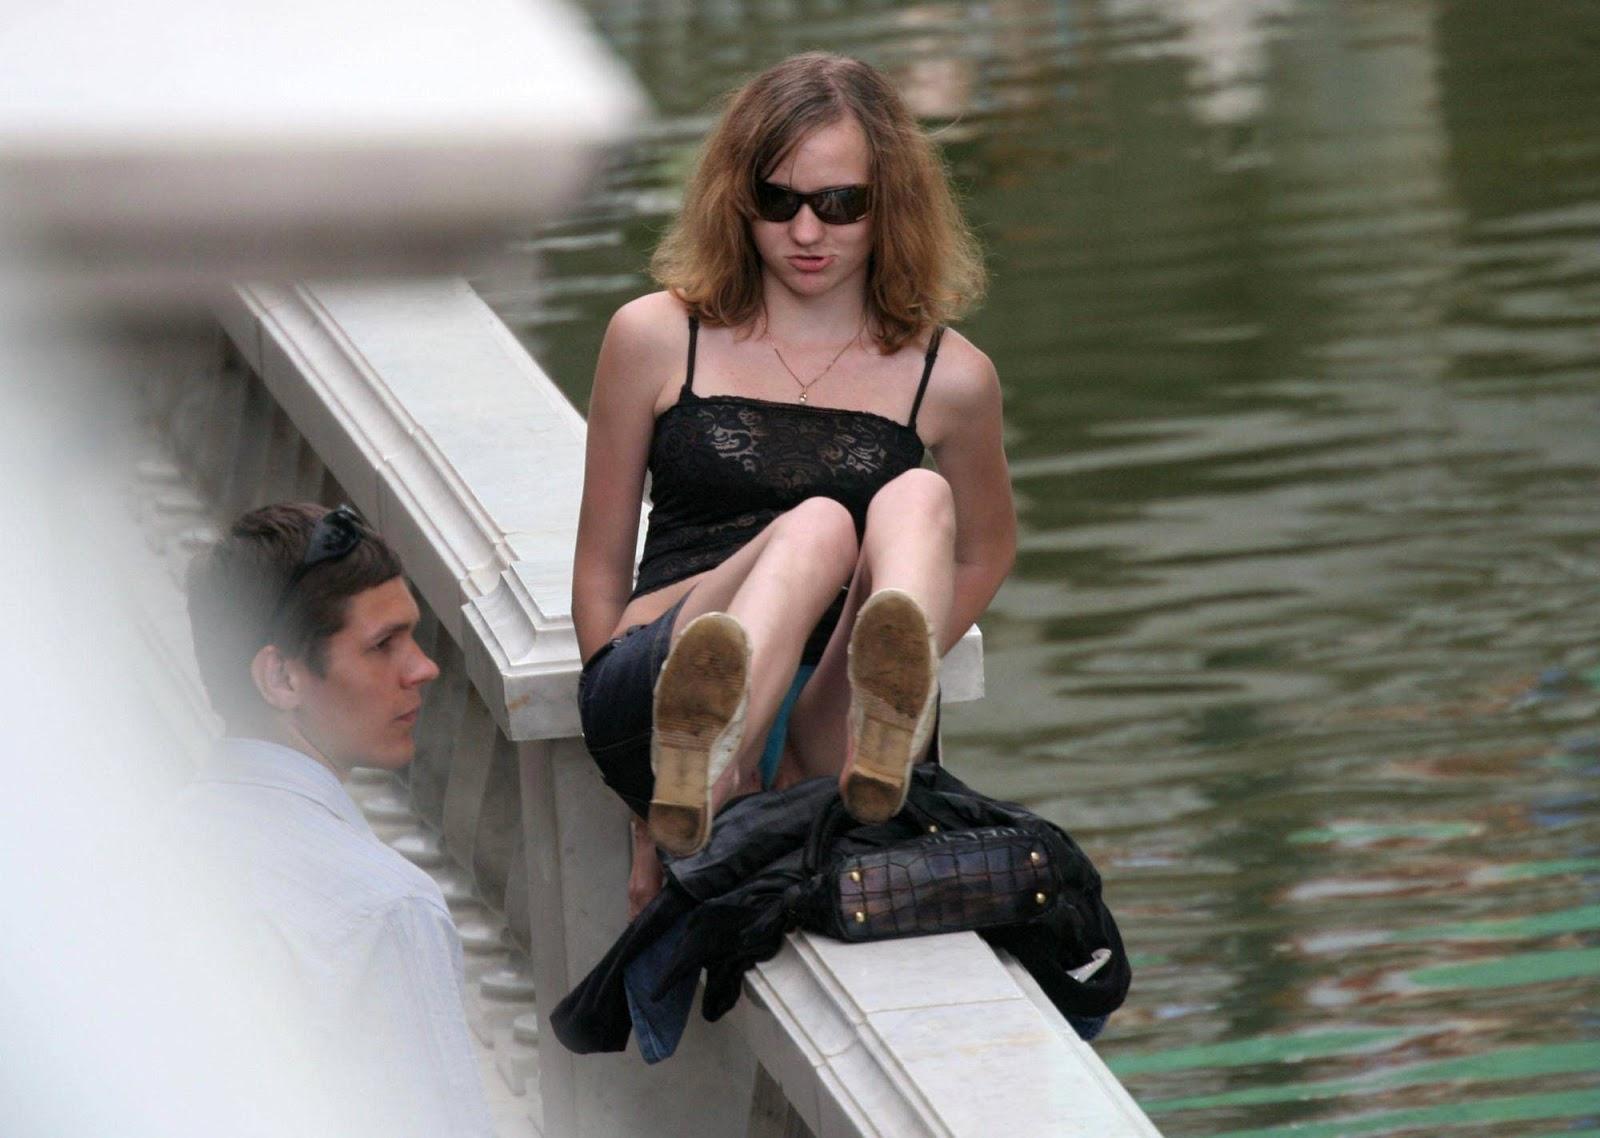 Фото под юбкой ни чего нет, Фото под юбкой без трусов - подглядываем под юбки 2 фотография